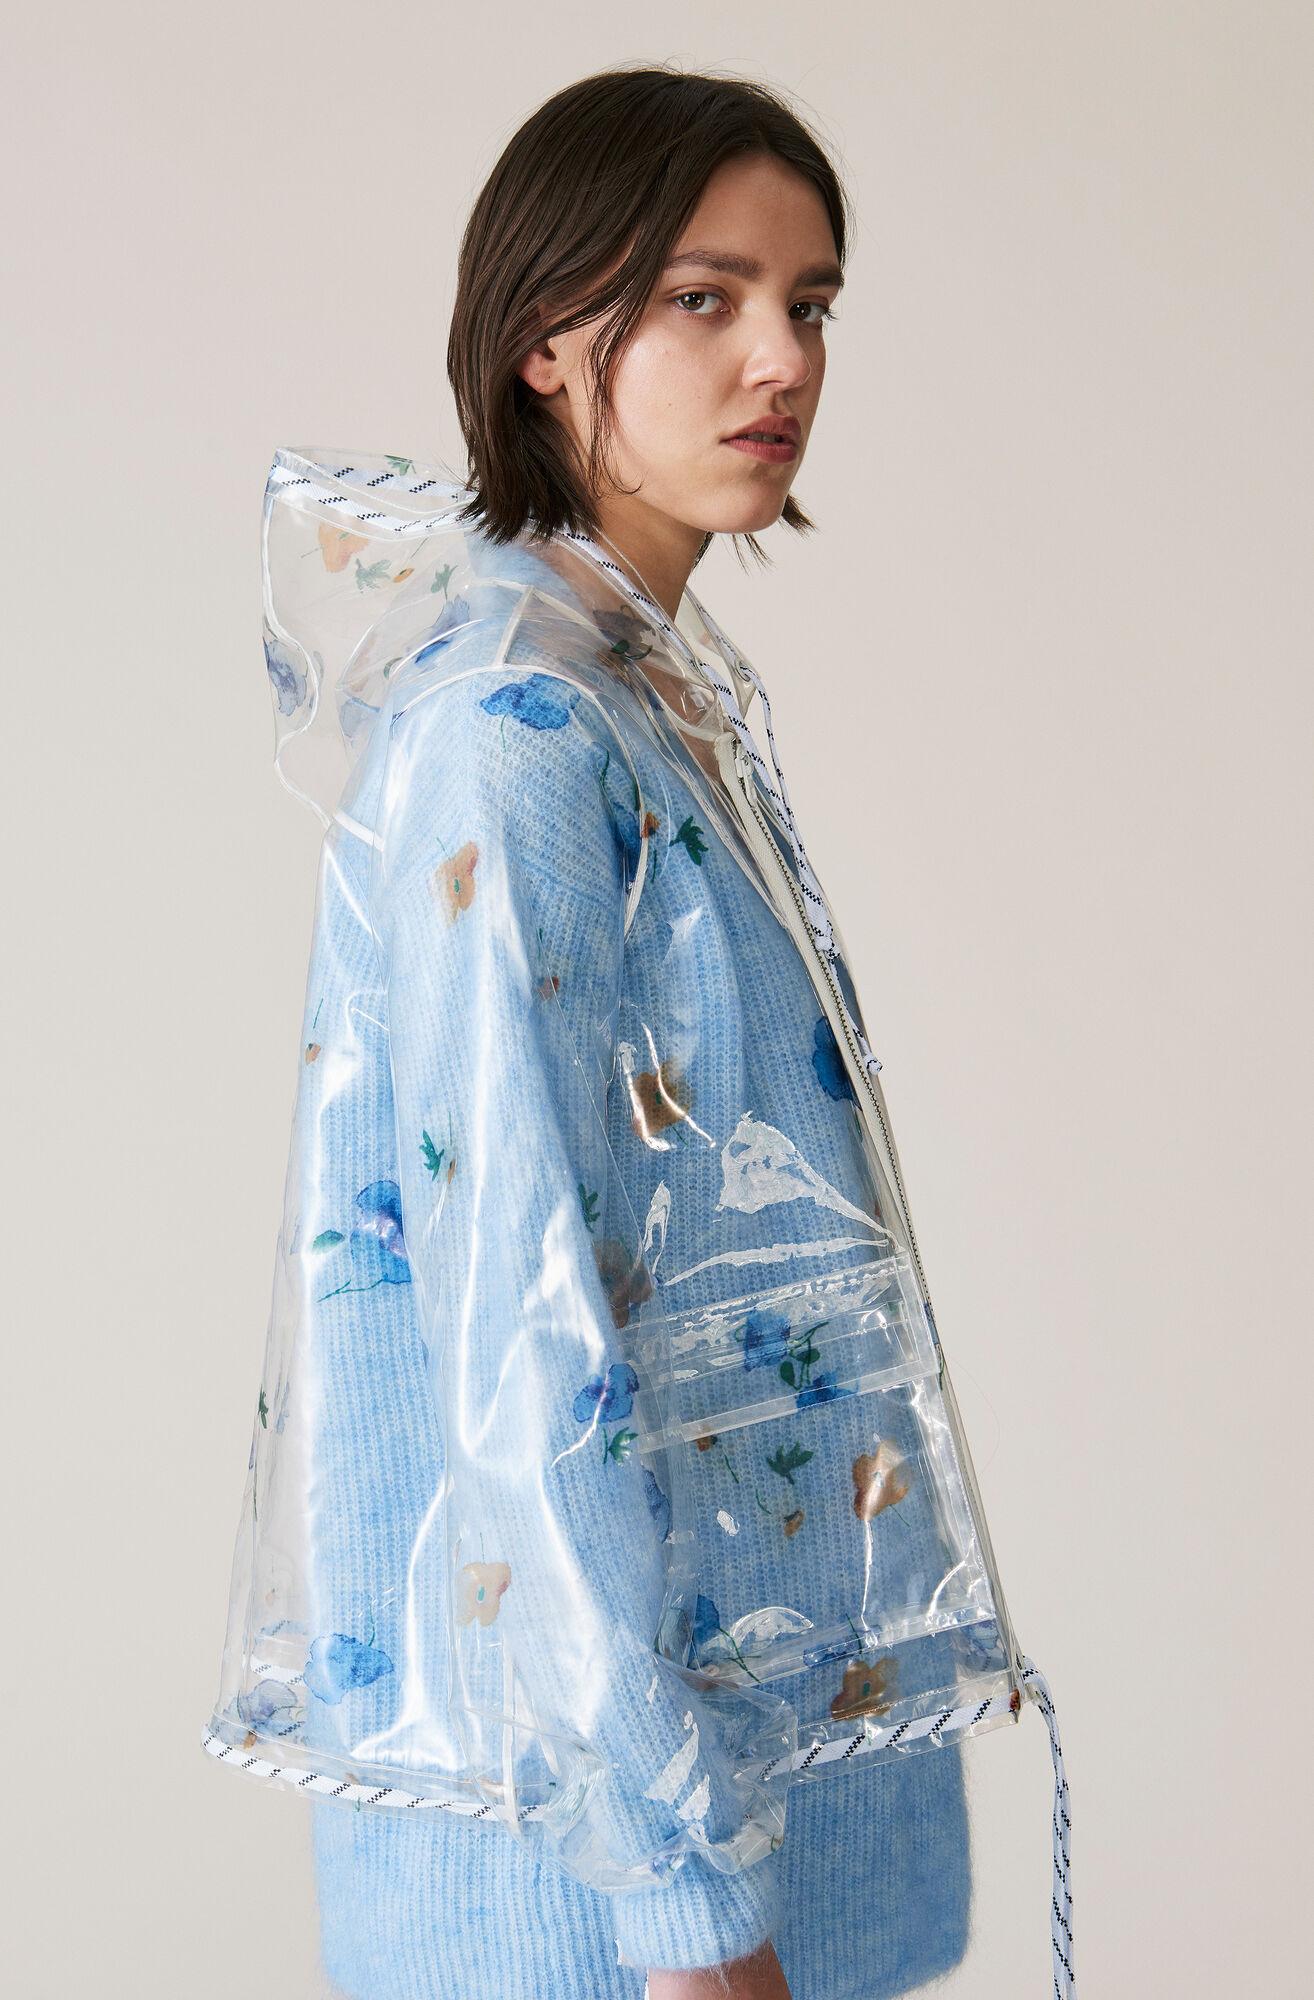 Petunia Bionedbrydelig Regnfrakke, Transparent, hi-res